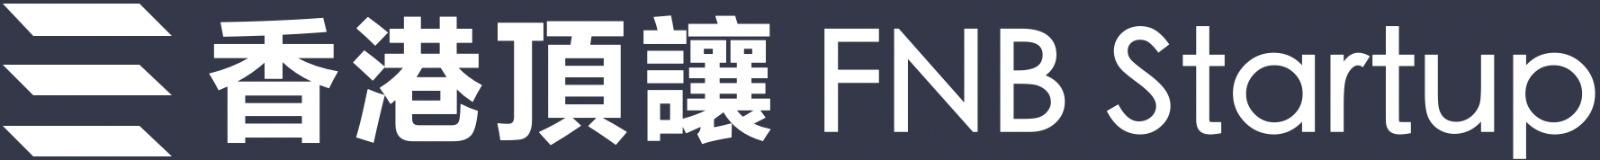 香港頂讓 FNB Startup